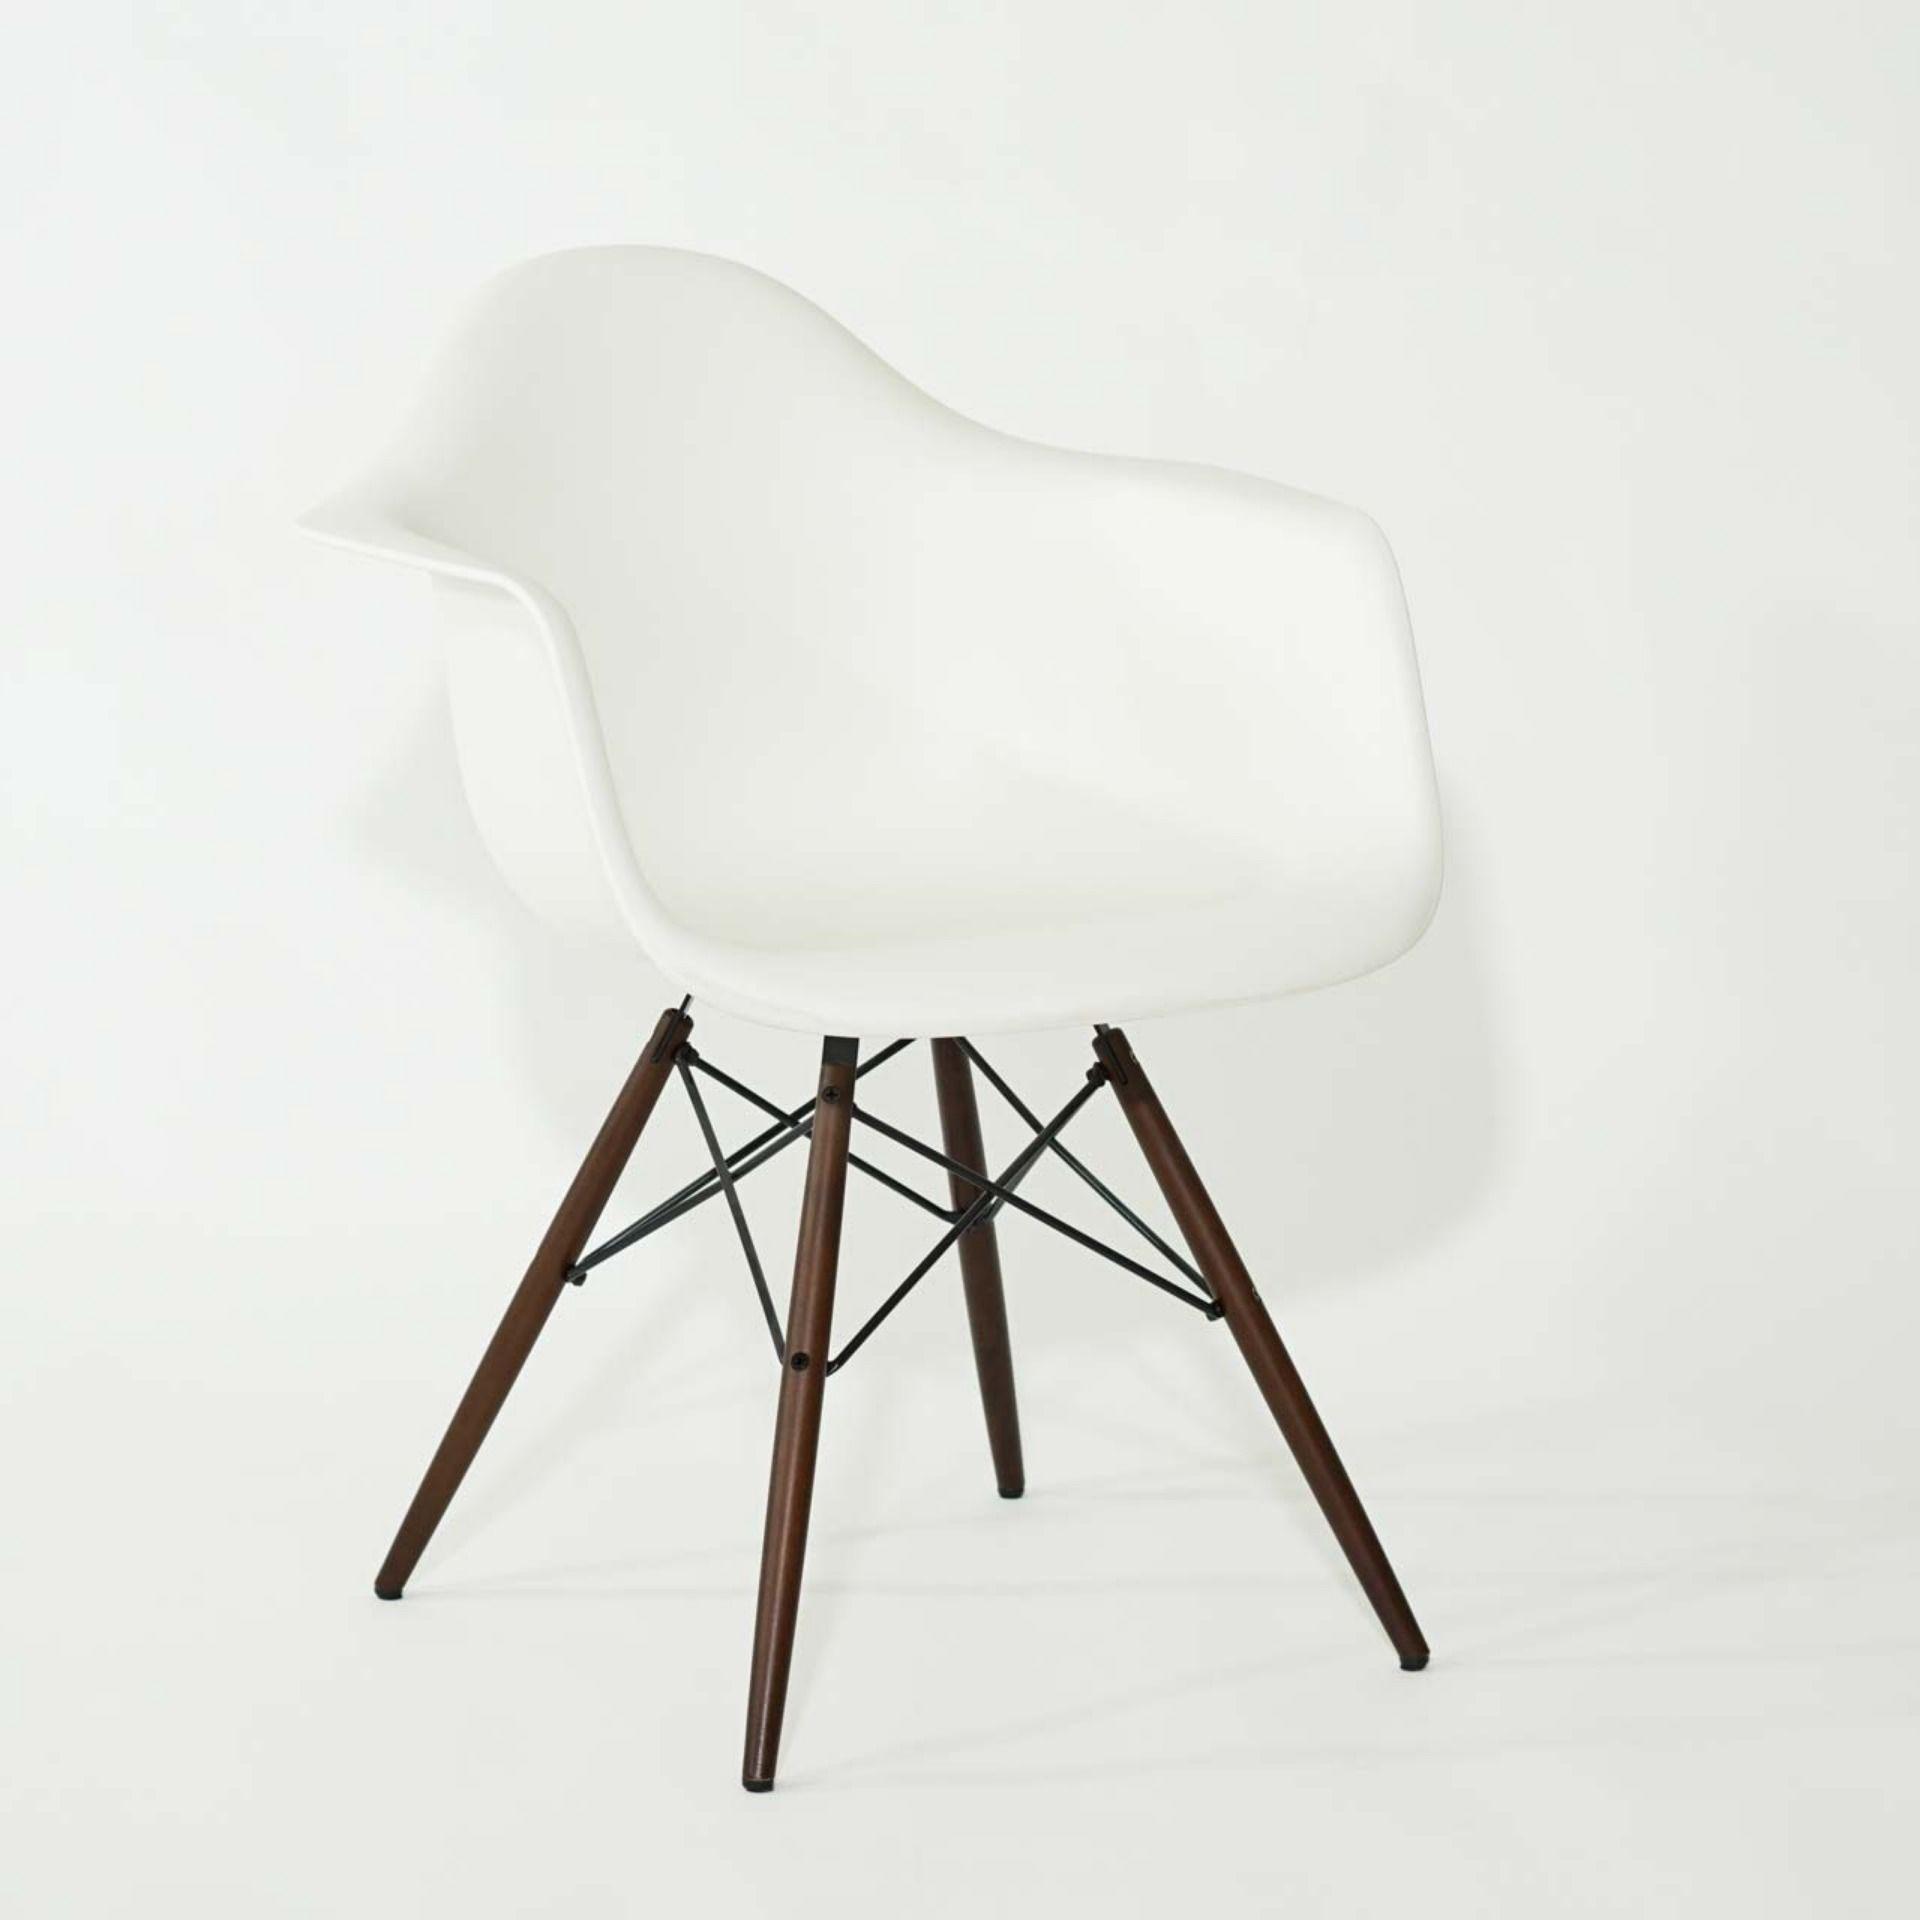 Vitra Eames Plastic Chair Daw Schale Weiss Stuhle Plastikstuhle Eames